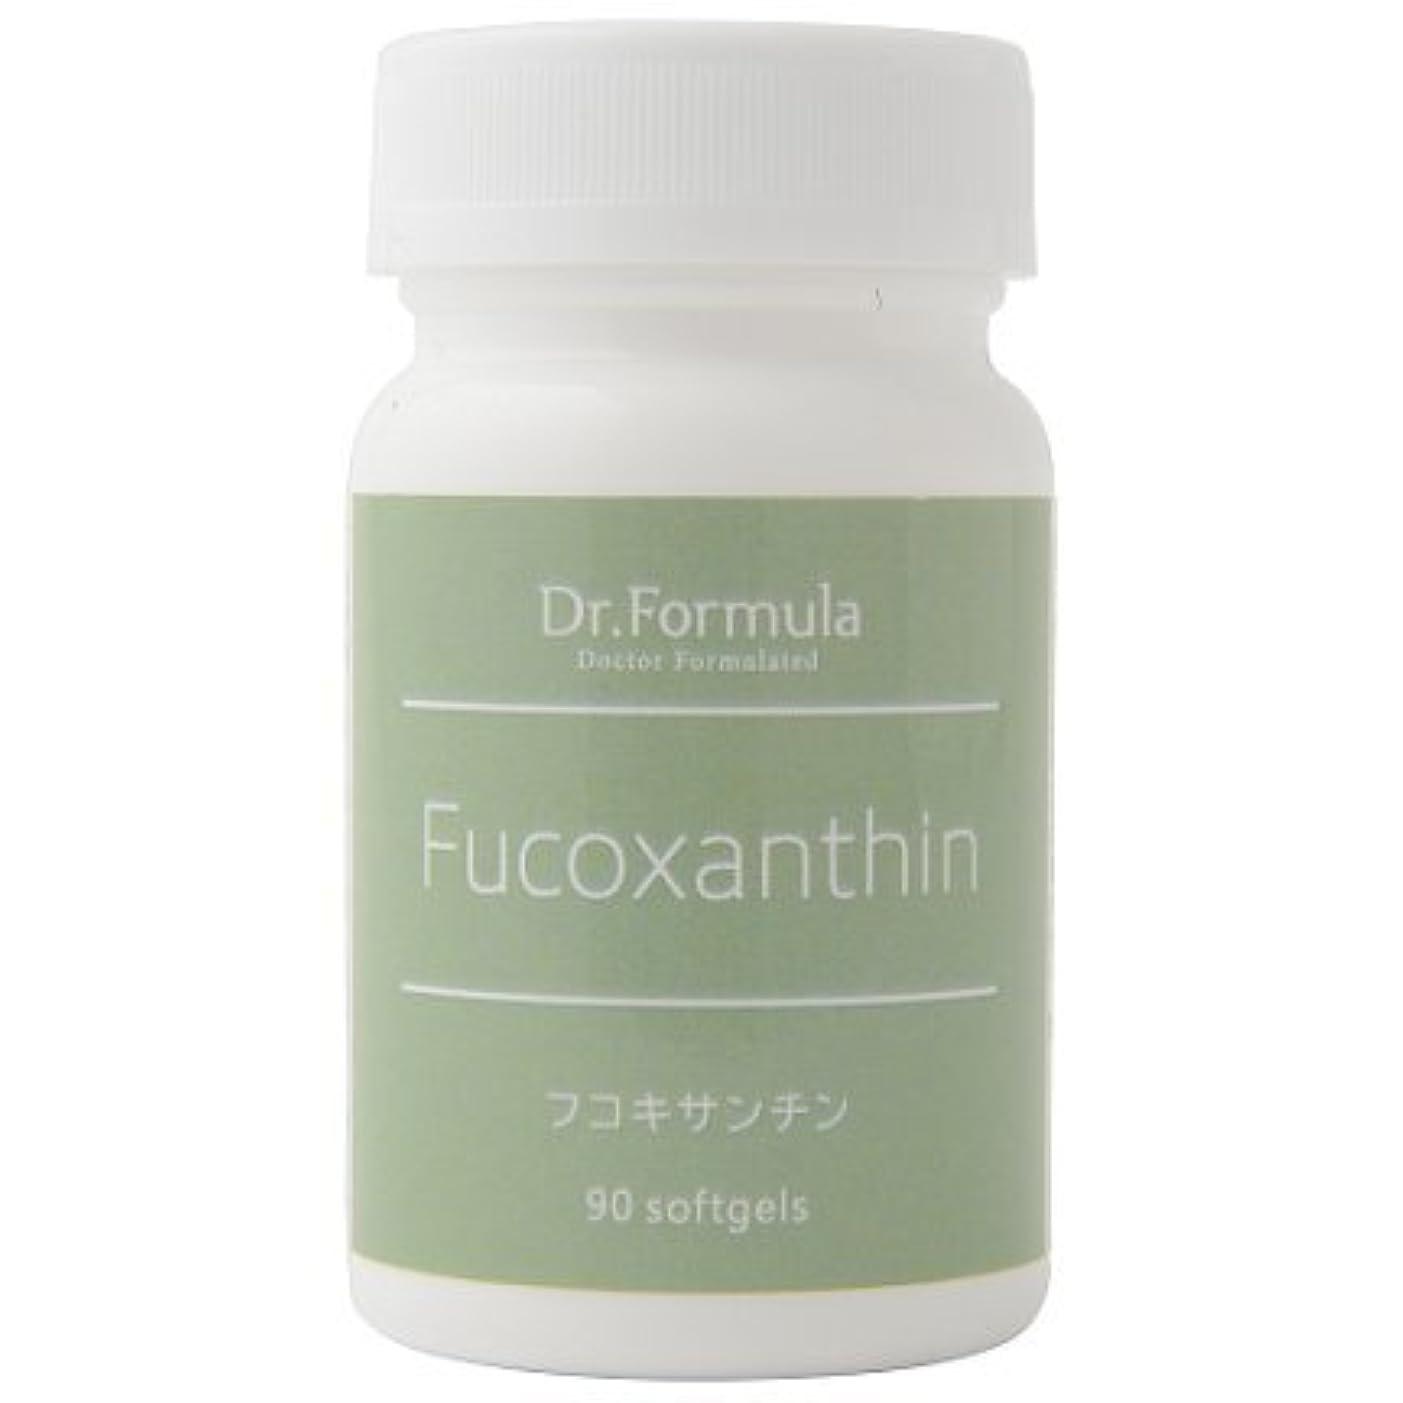 暗記する春船員Dr.Formula フコキサンチン(テレビで話題の希少成分) 30日分 90粒 日本製 Fucoxanthin